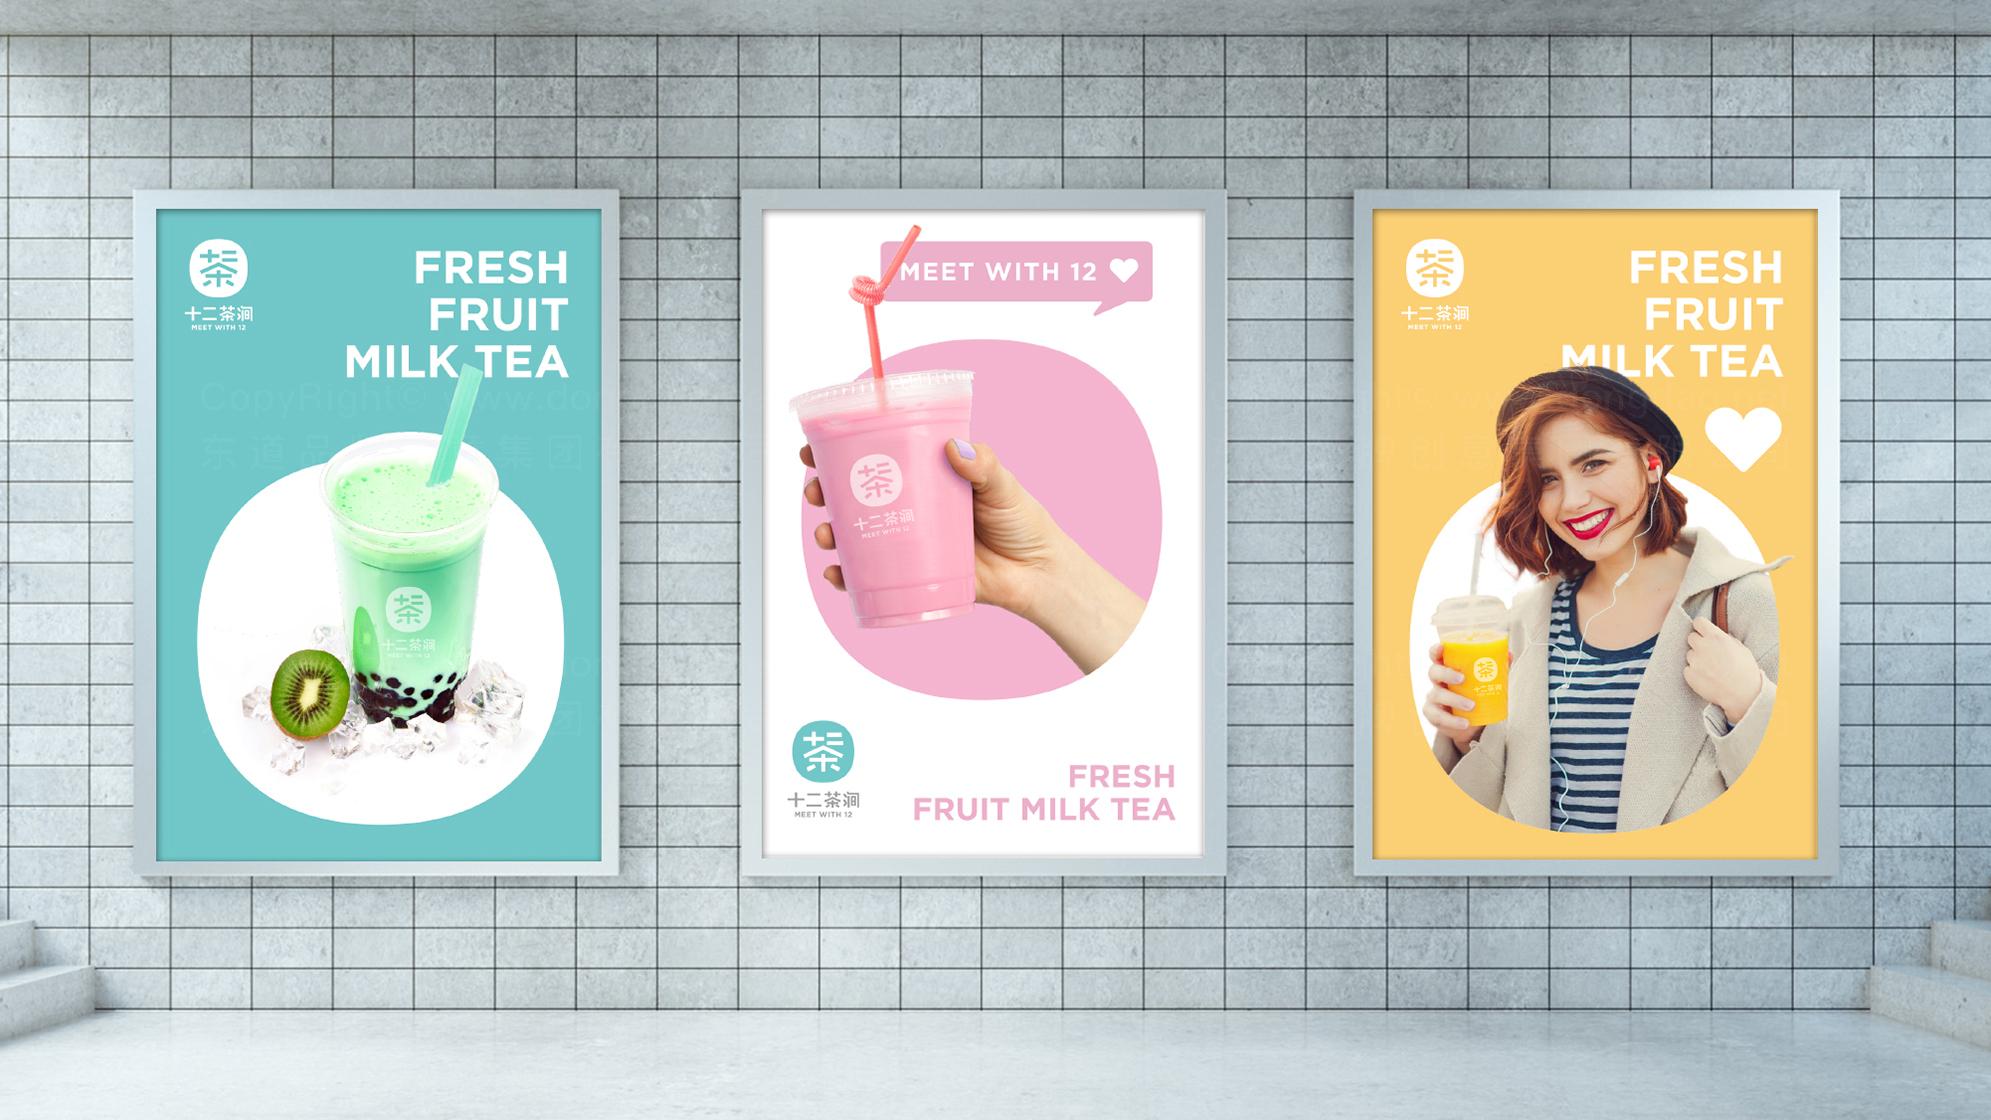 品牌设计十二茶涧LOGO&VI设计应用场景_14